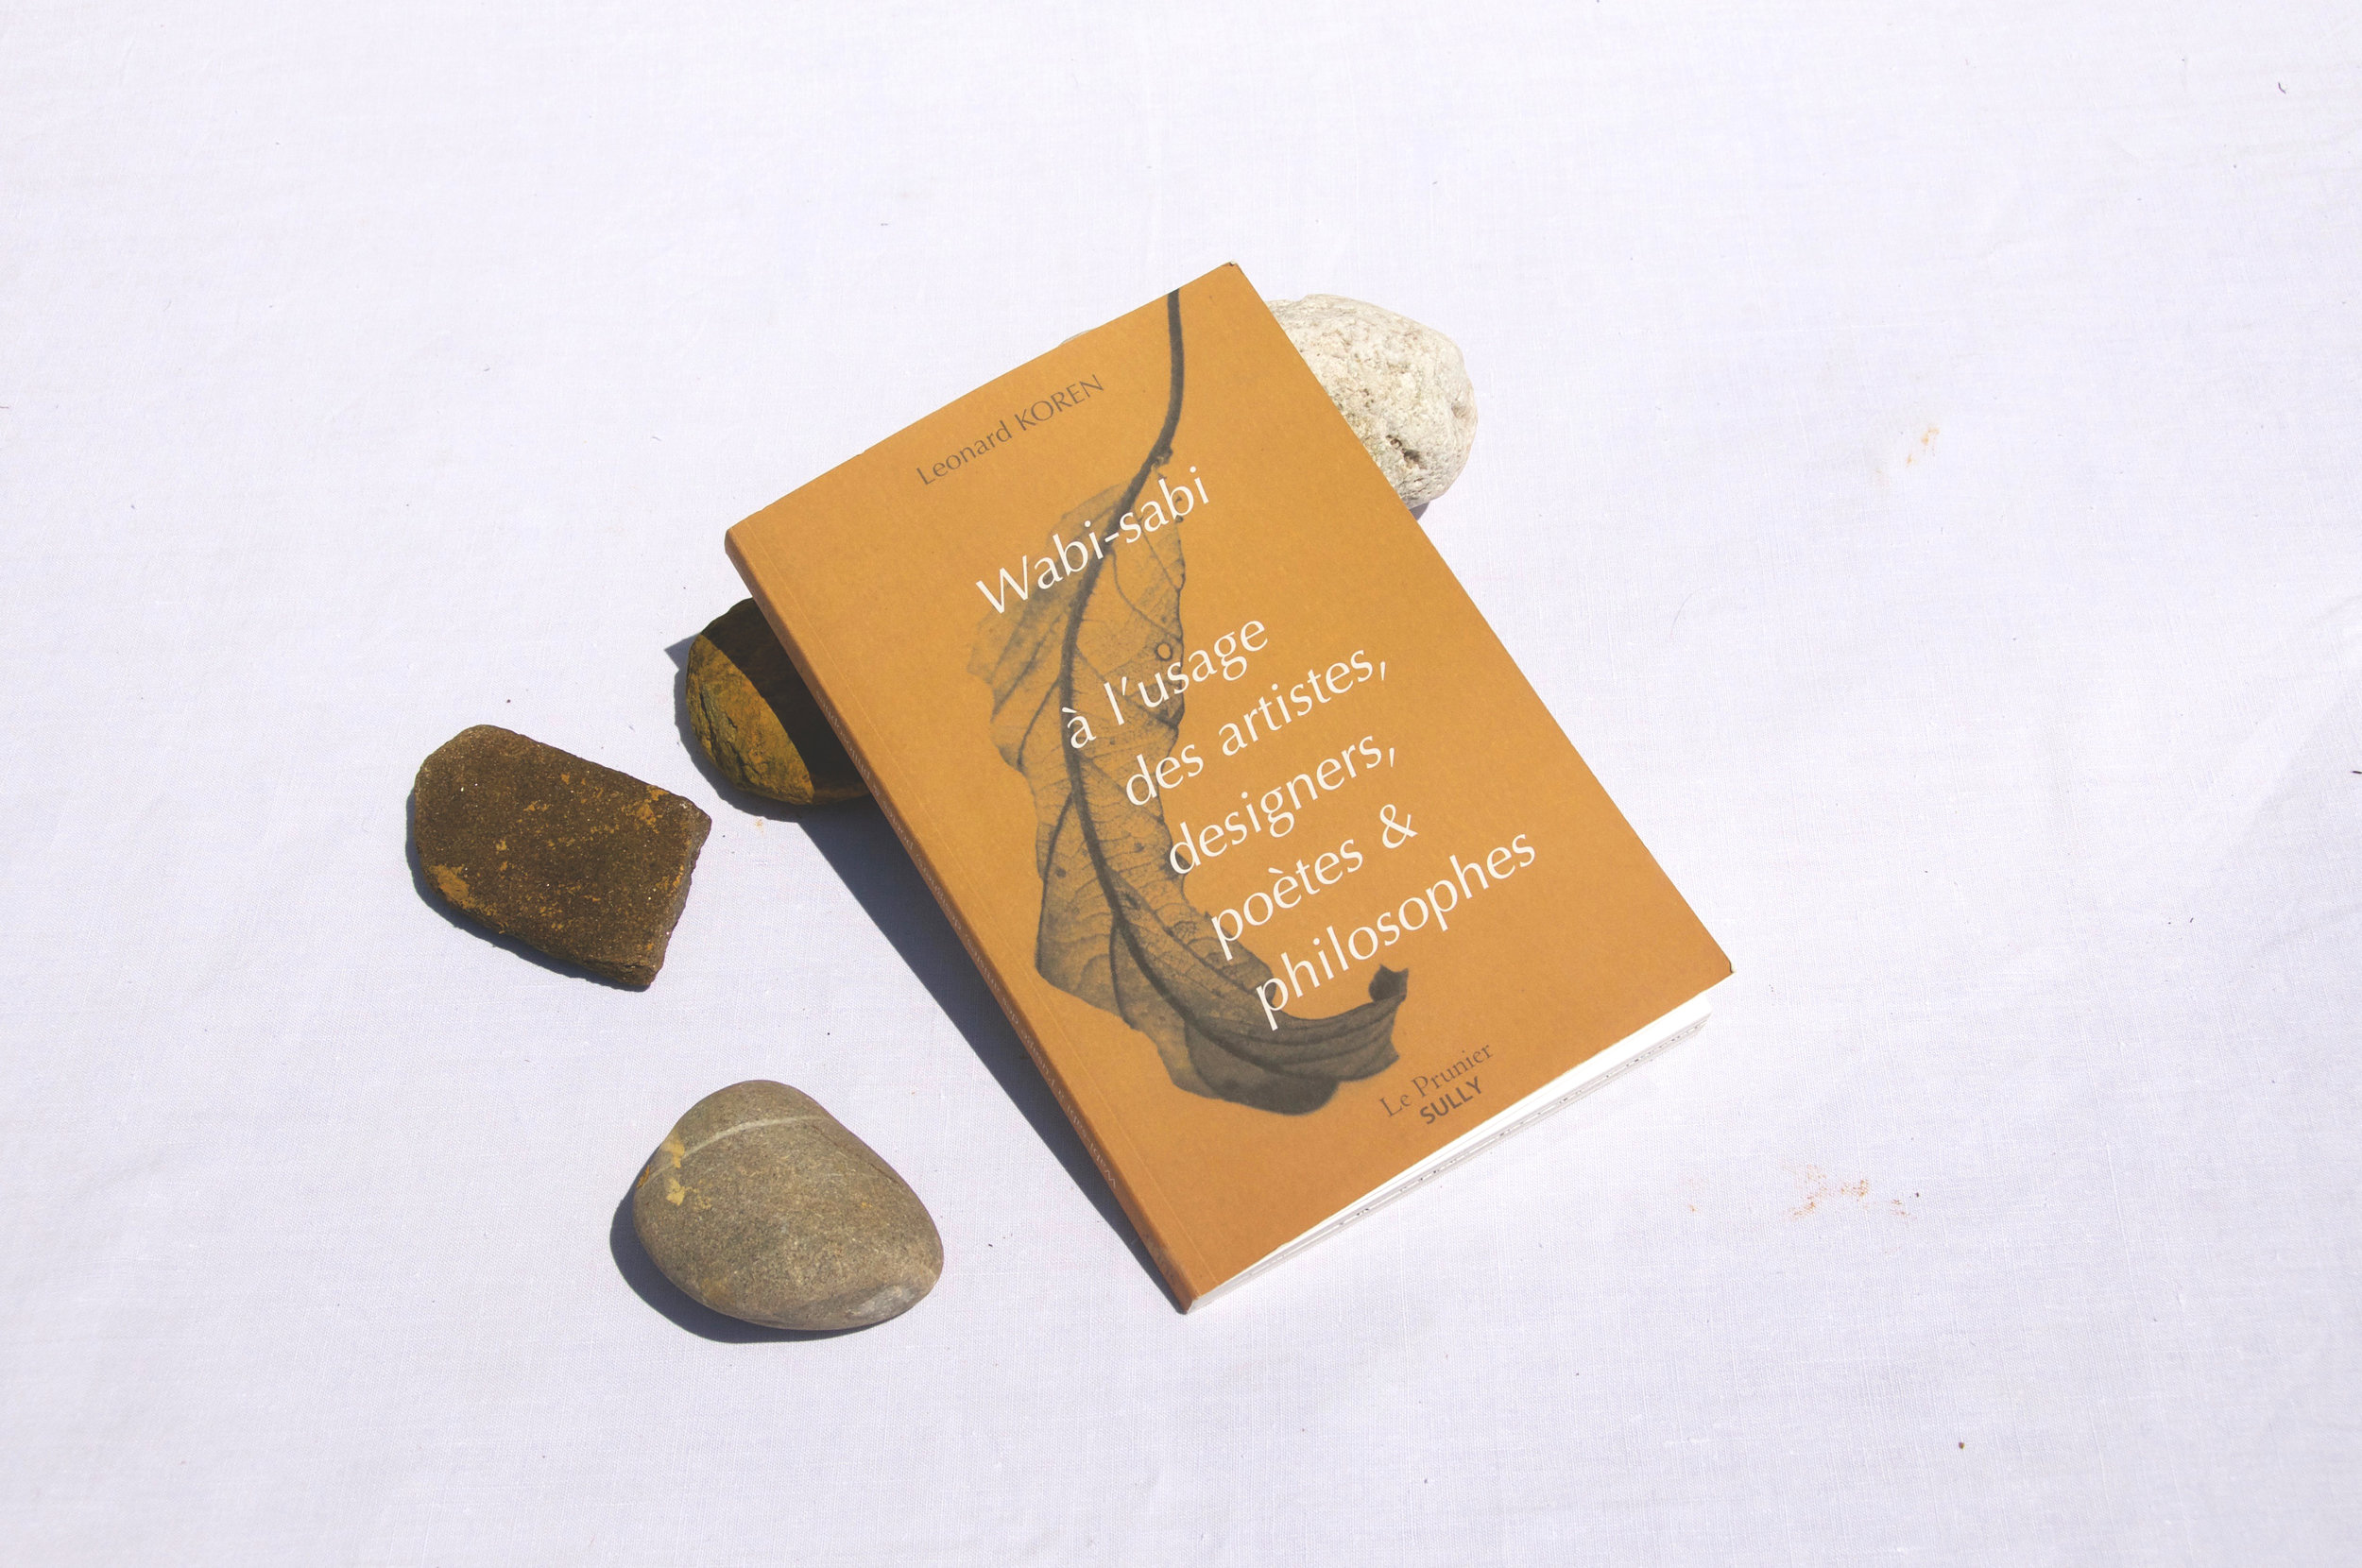 Book of Leonard Karen about Wabi-sabi